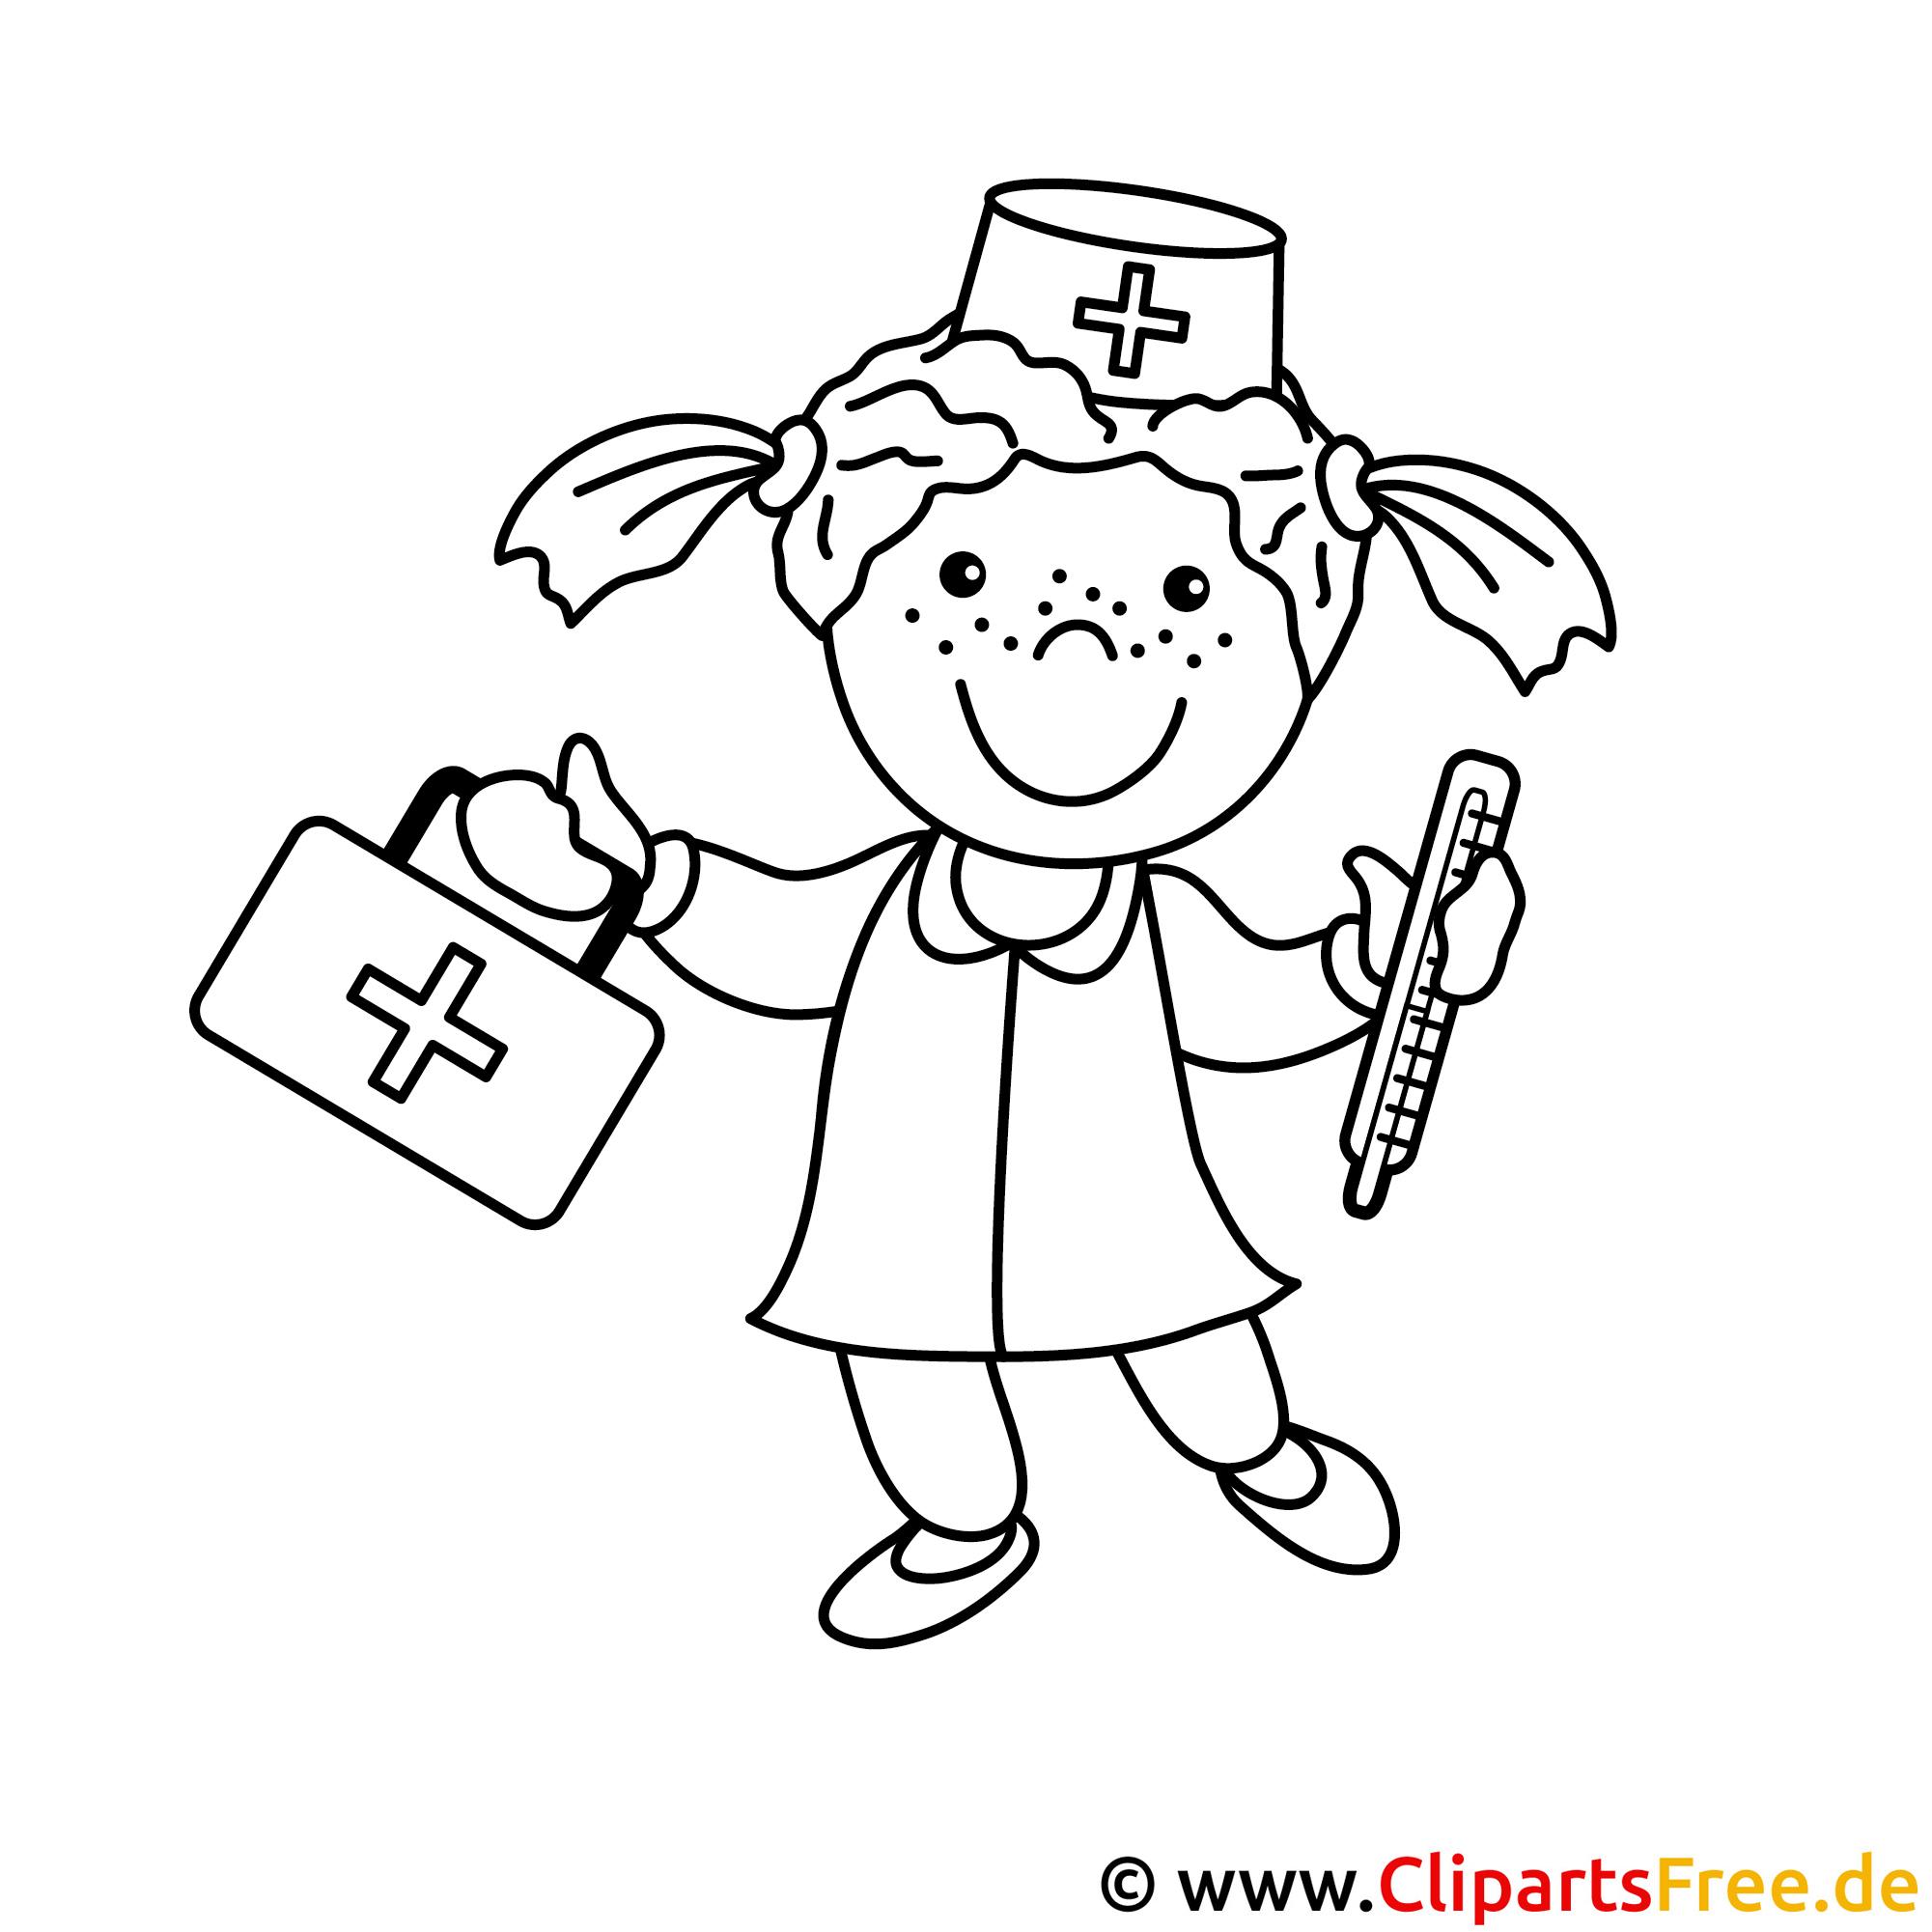 Krankenschwester Bild zum Ausmalen, Malvorlage